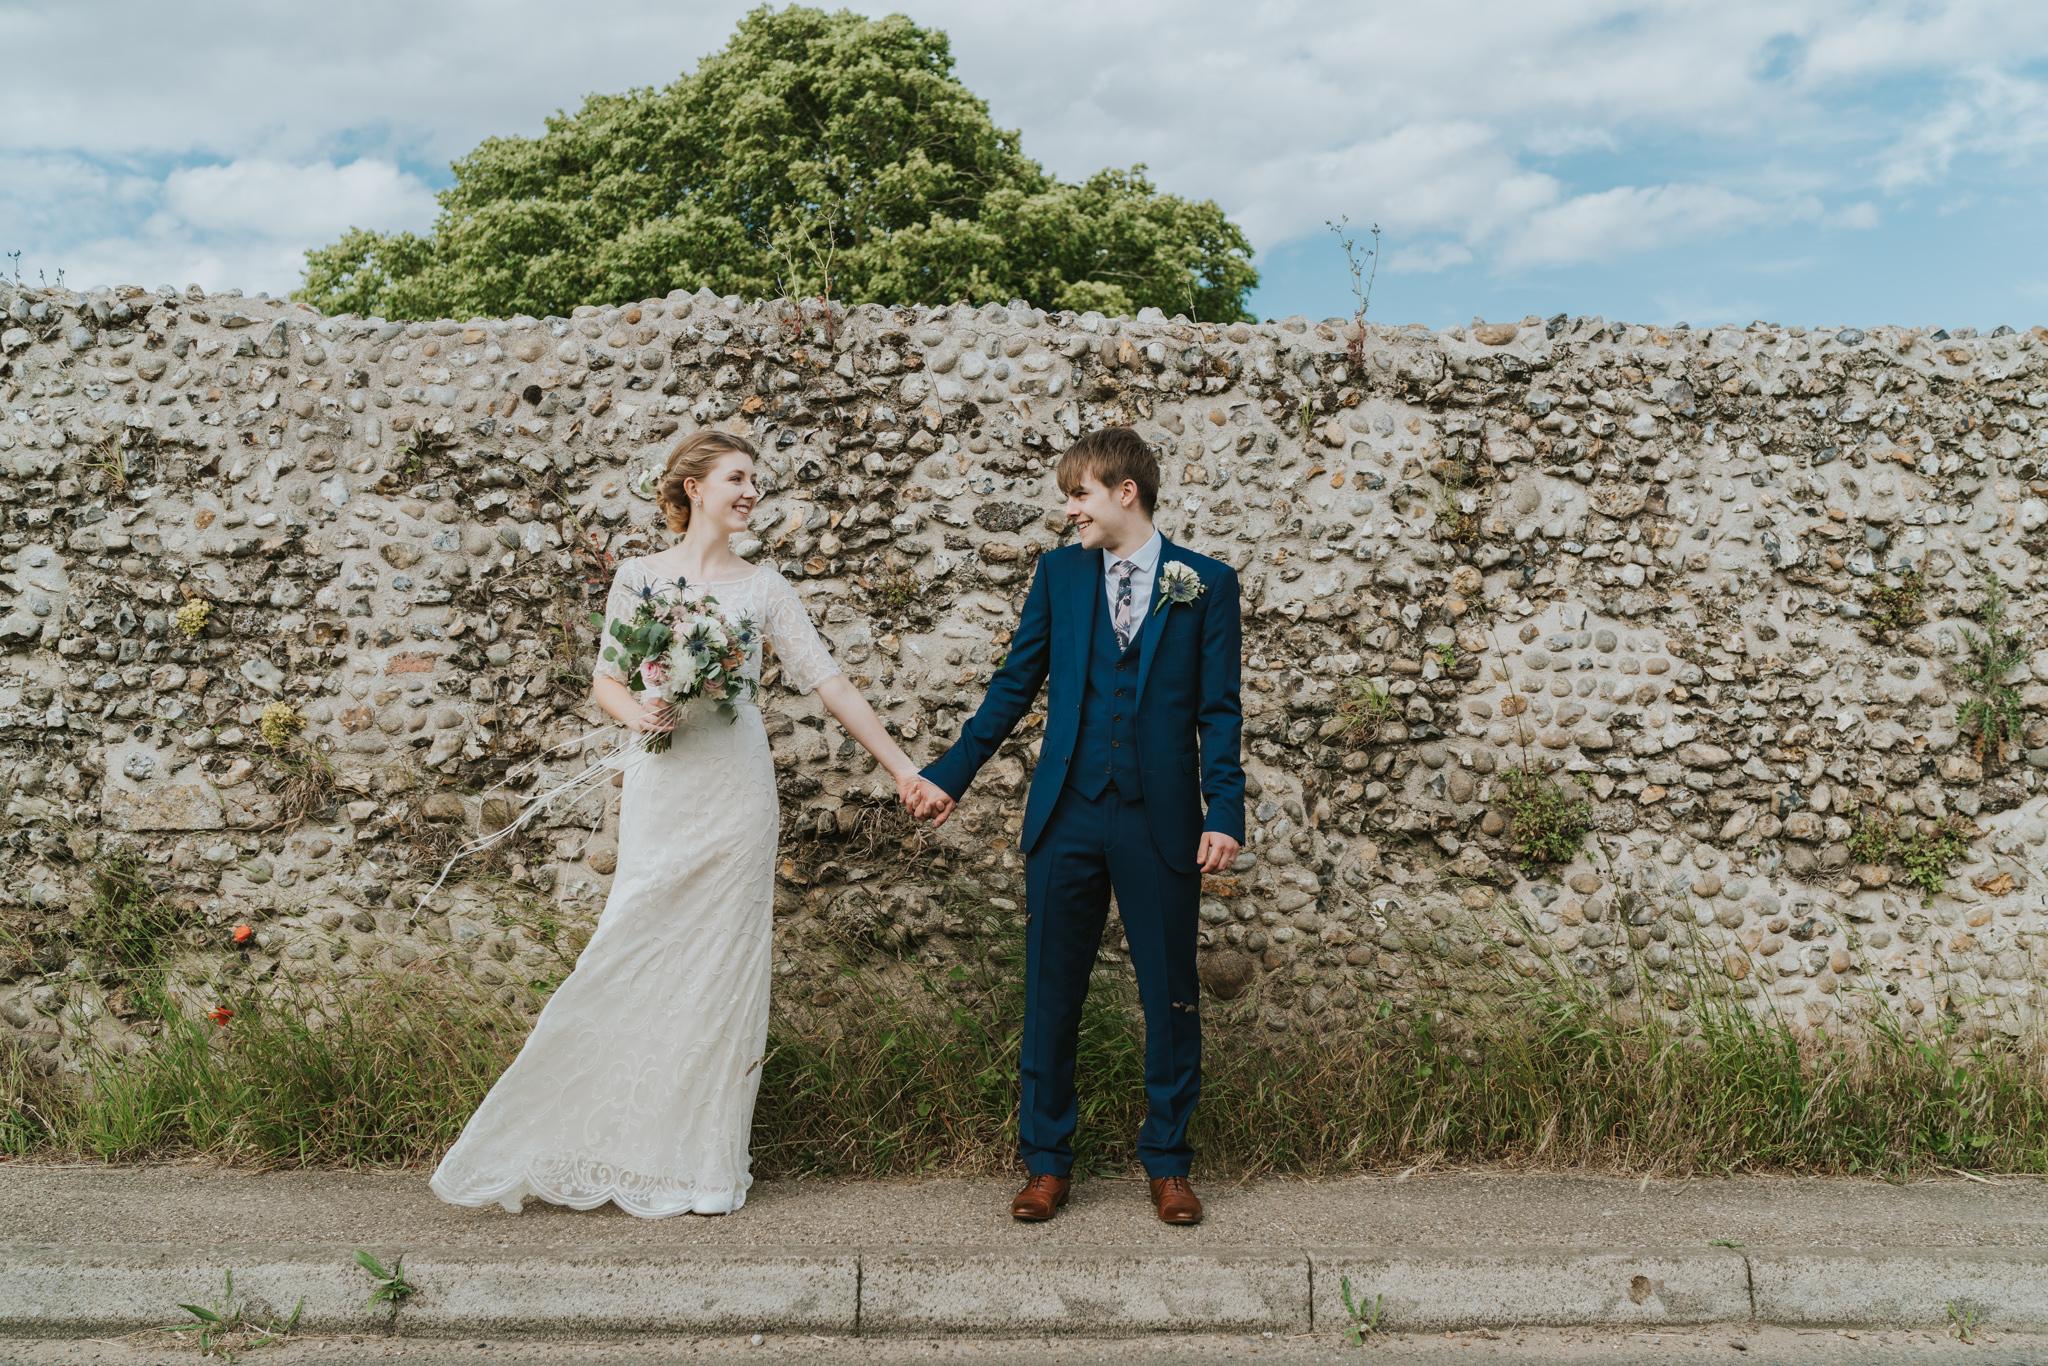 grace-elizabeth-essex-wedding-photographer-best-2018-highlights-norfolk-essex-devon-suffolk (35 of 100).jpg